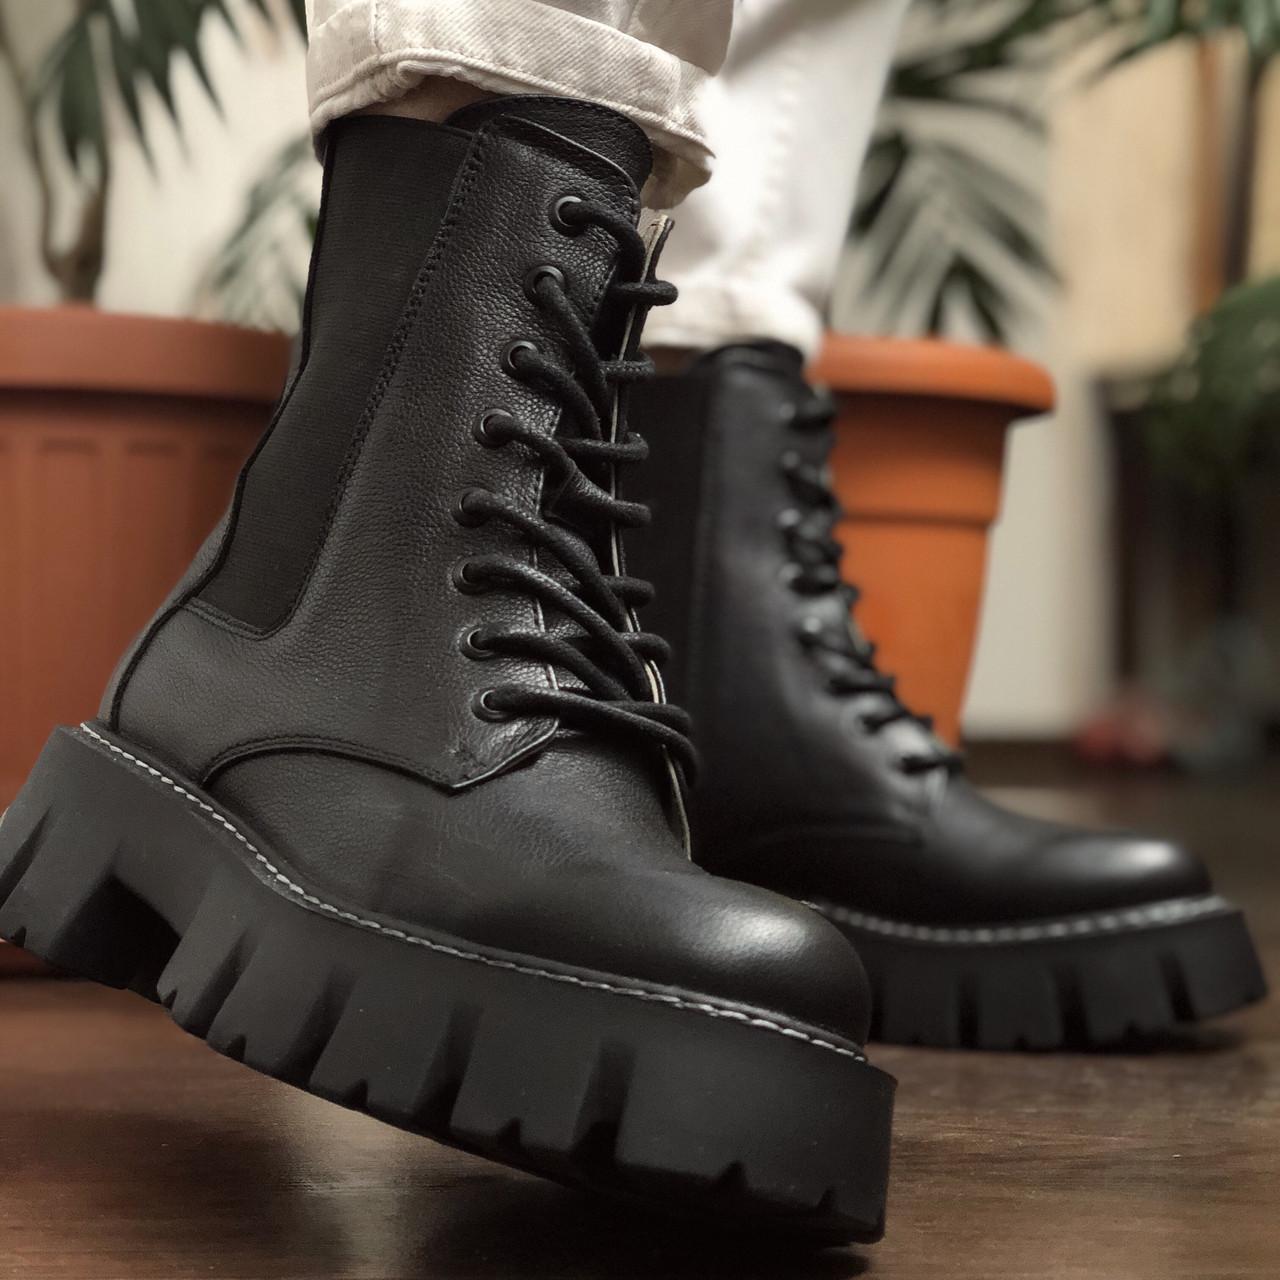 Жіночі черевики високі базові HBM Chelsey, чорний, натуральна шкіра, всередині шкіра+хутро+байка, 36 розмір